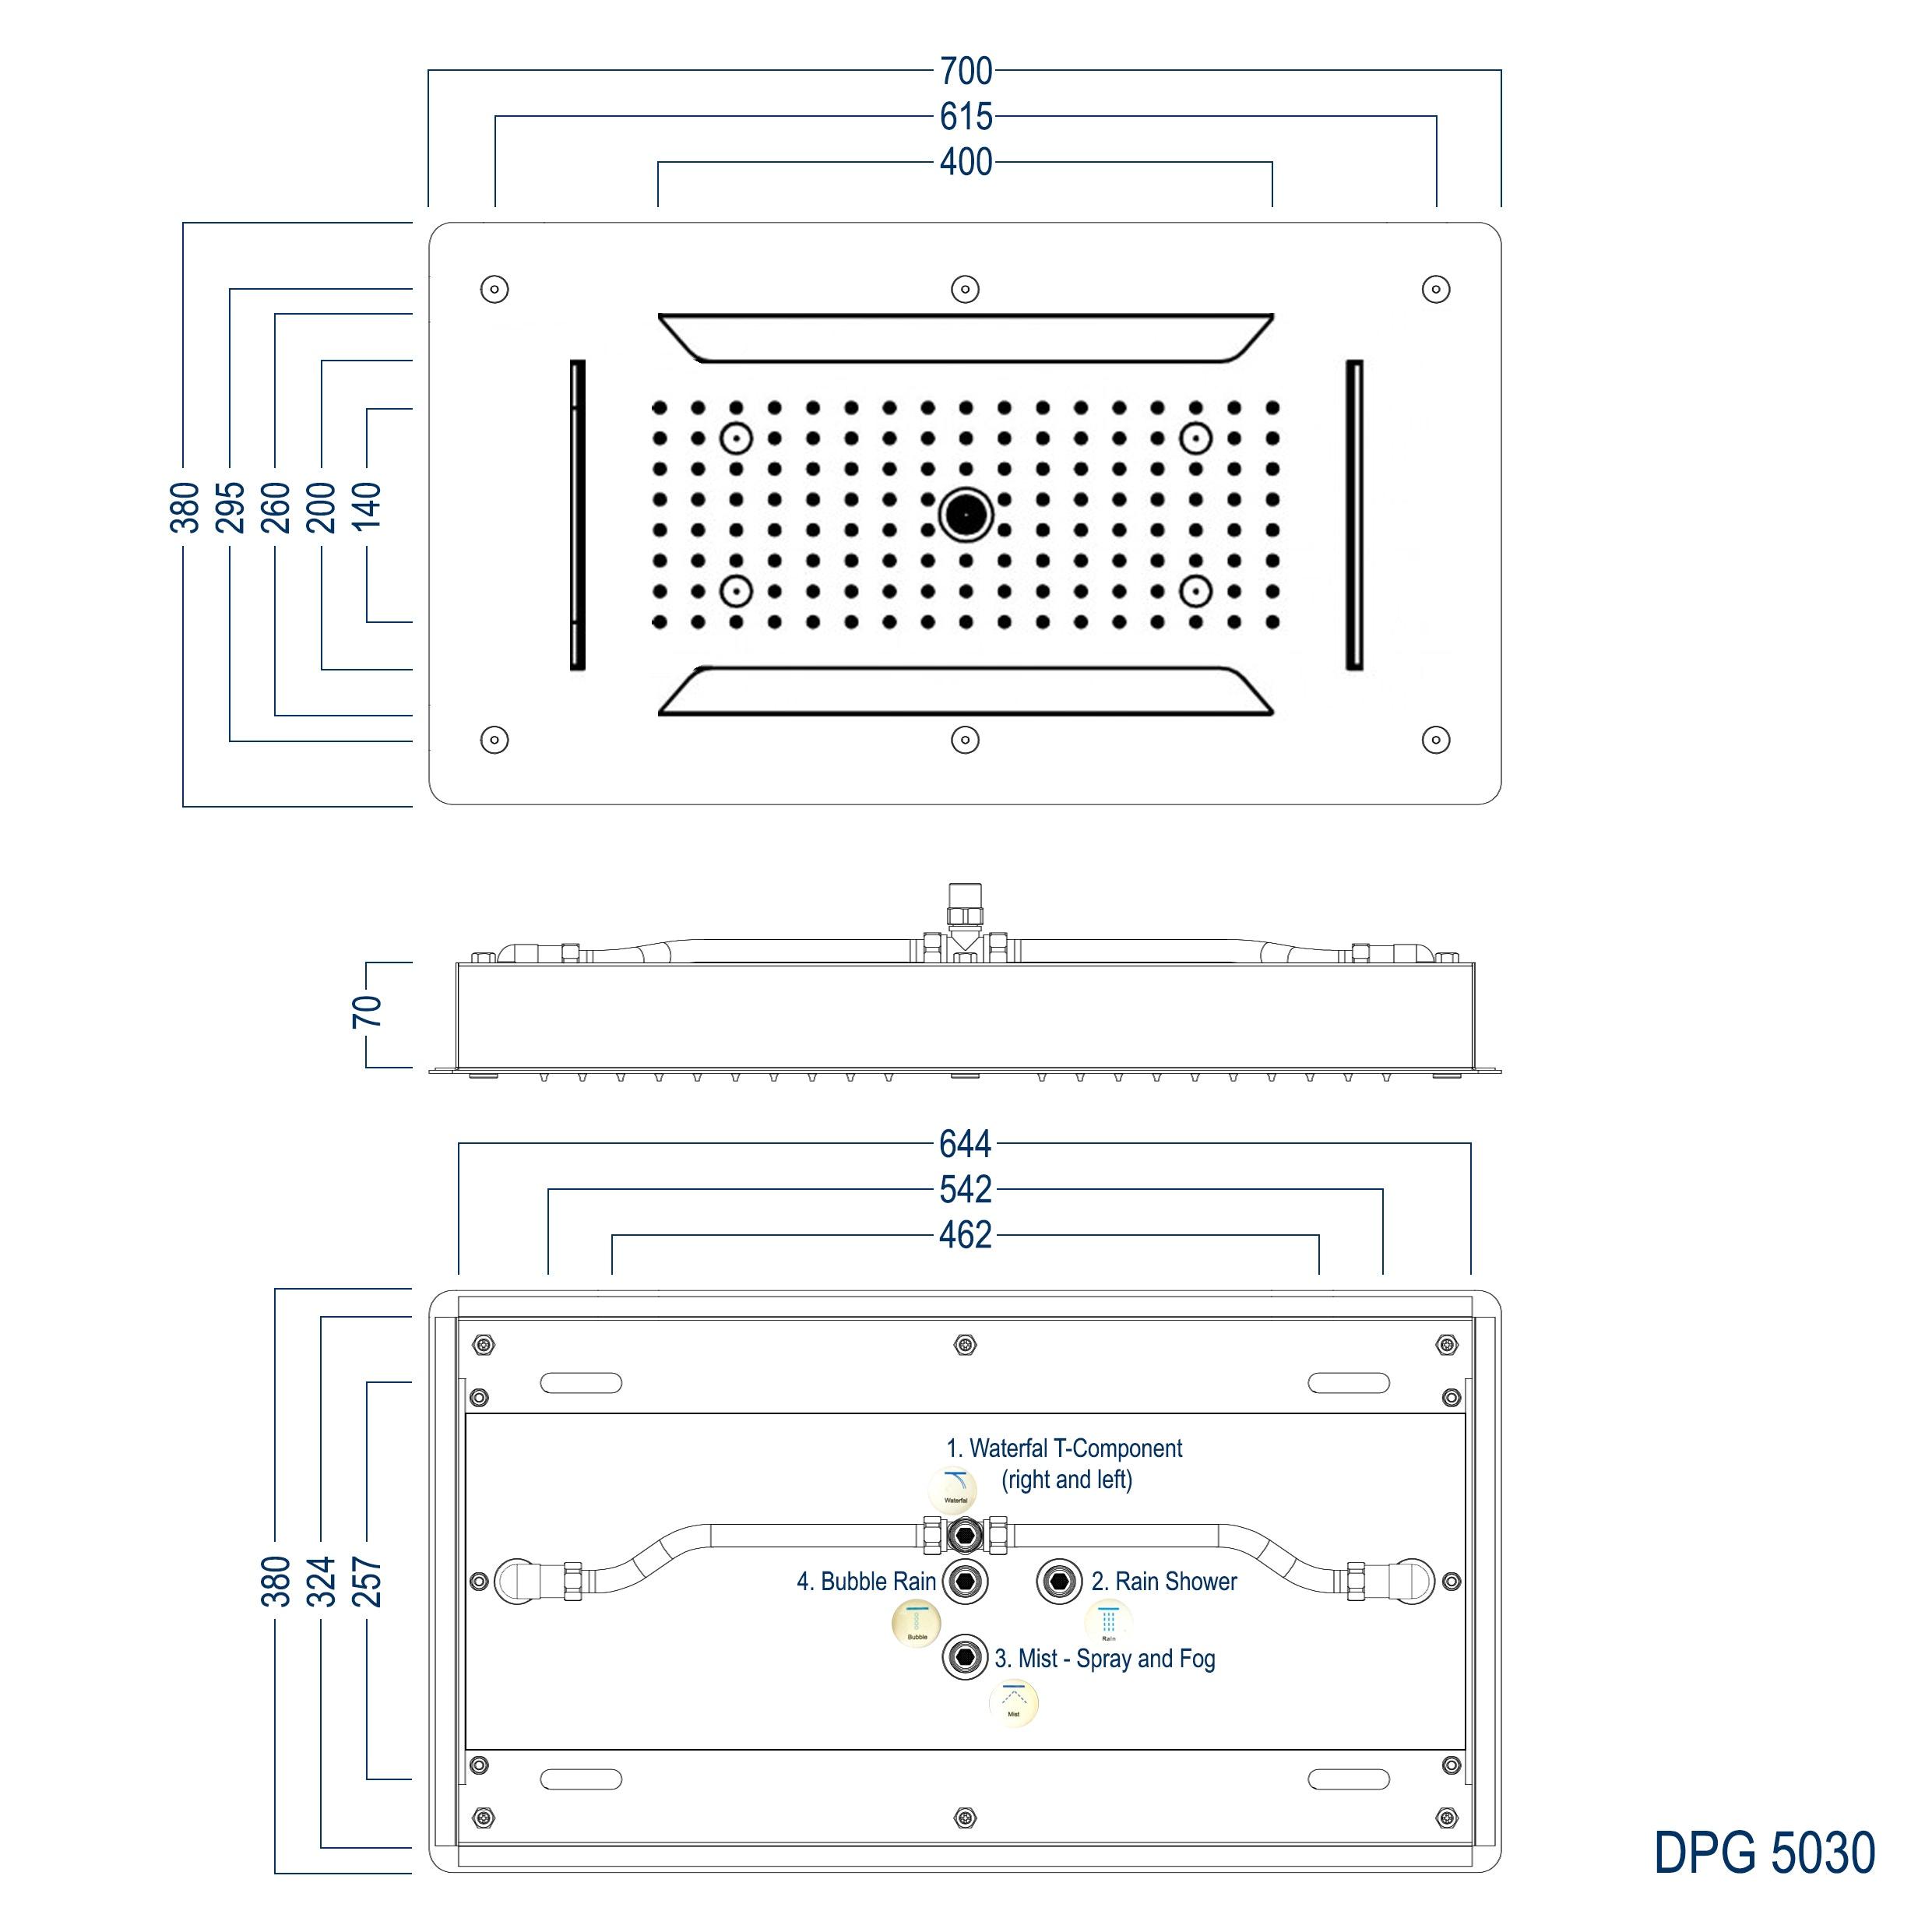 XXL-Regendusche Edelstahl-Deckenbrause DPG5030 superflach - 70 x 38 cm - Deckeneinbau zoom thumbnail 6